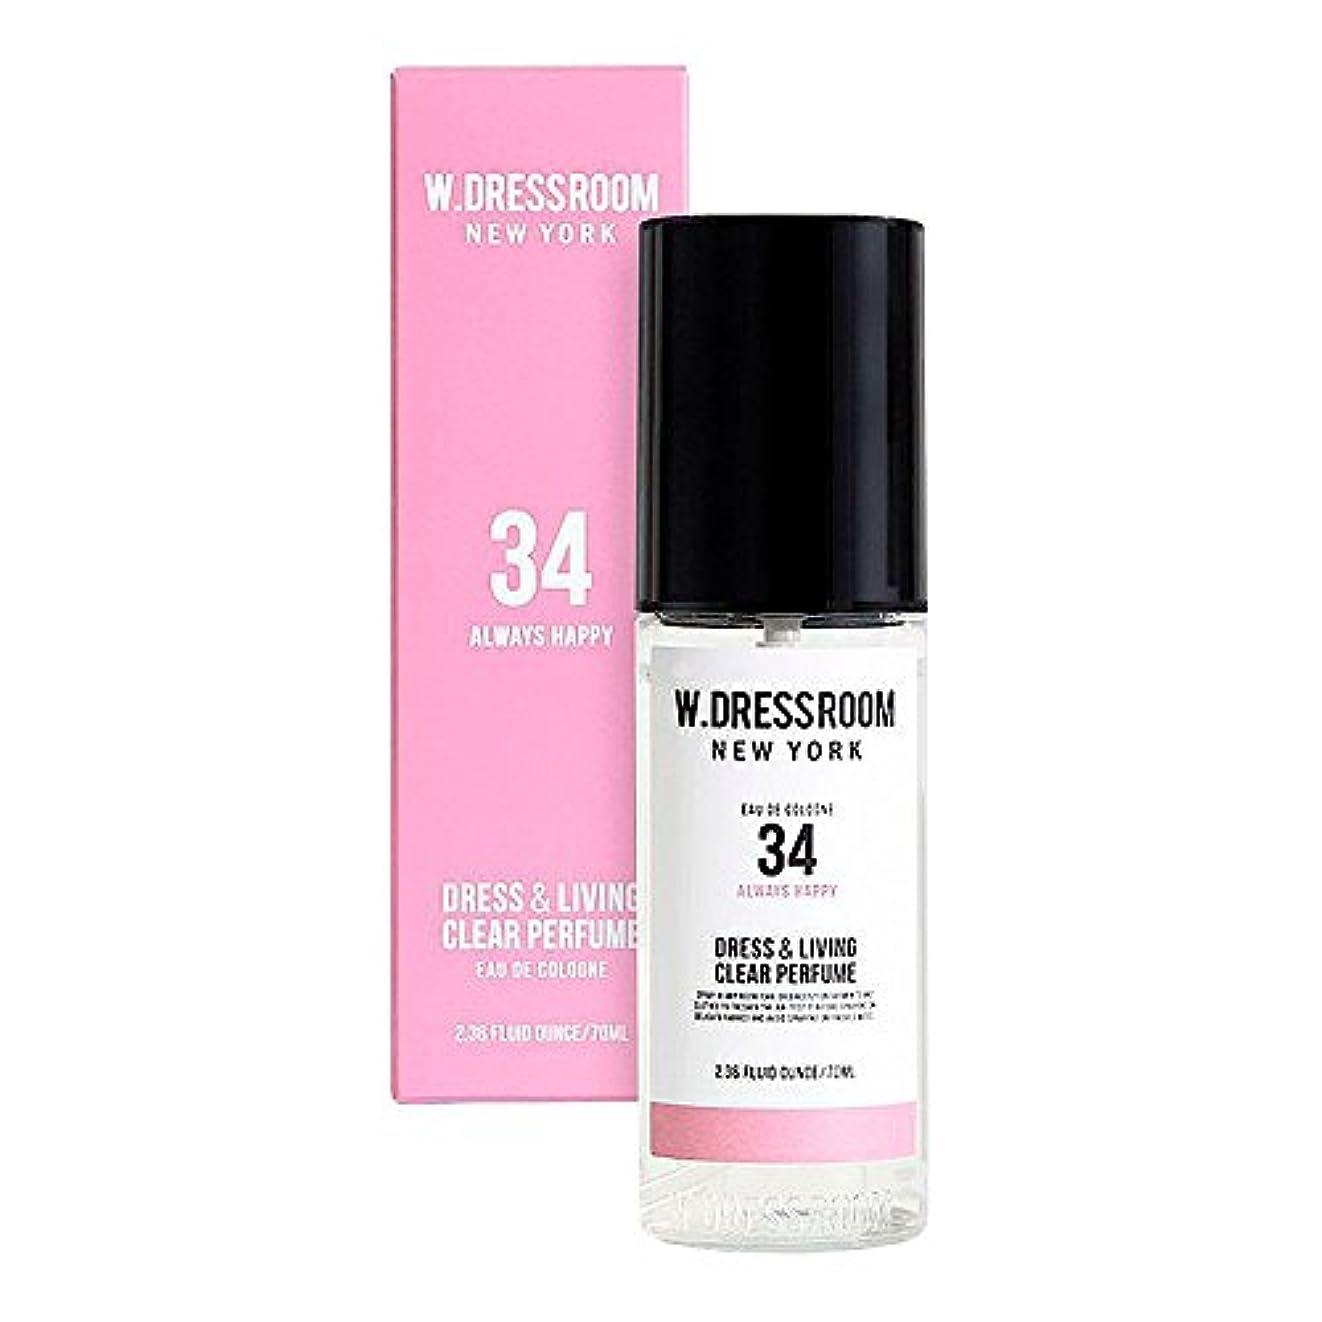 プラットフォーム不毛のインテリアW.DRESSROOM Dress & Living Clear Perfume fragrance 70ml (#No.34 Always Happy)/ダブルドレスルーム ドレス&リビング クリア パフューム 70ml...